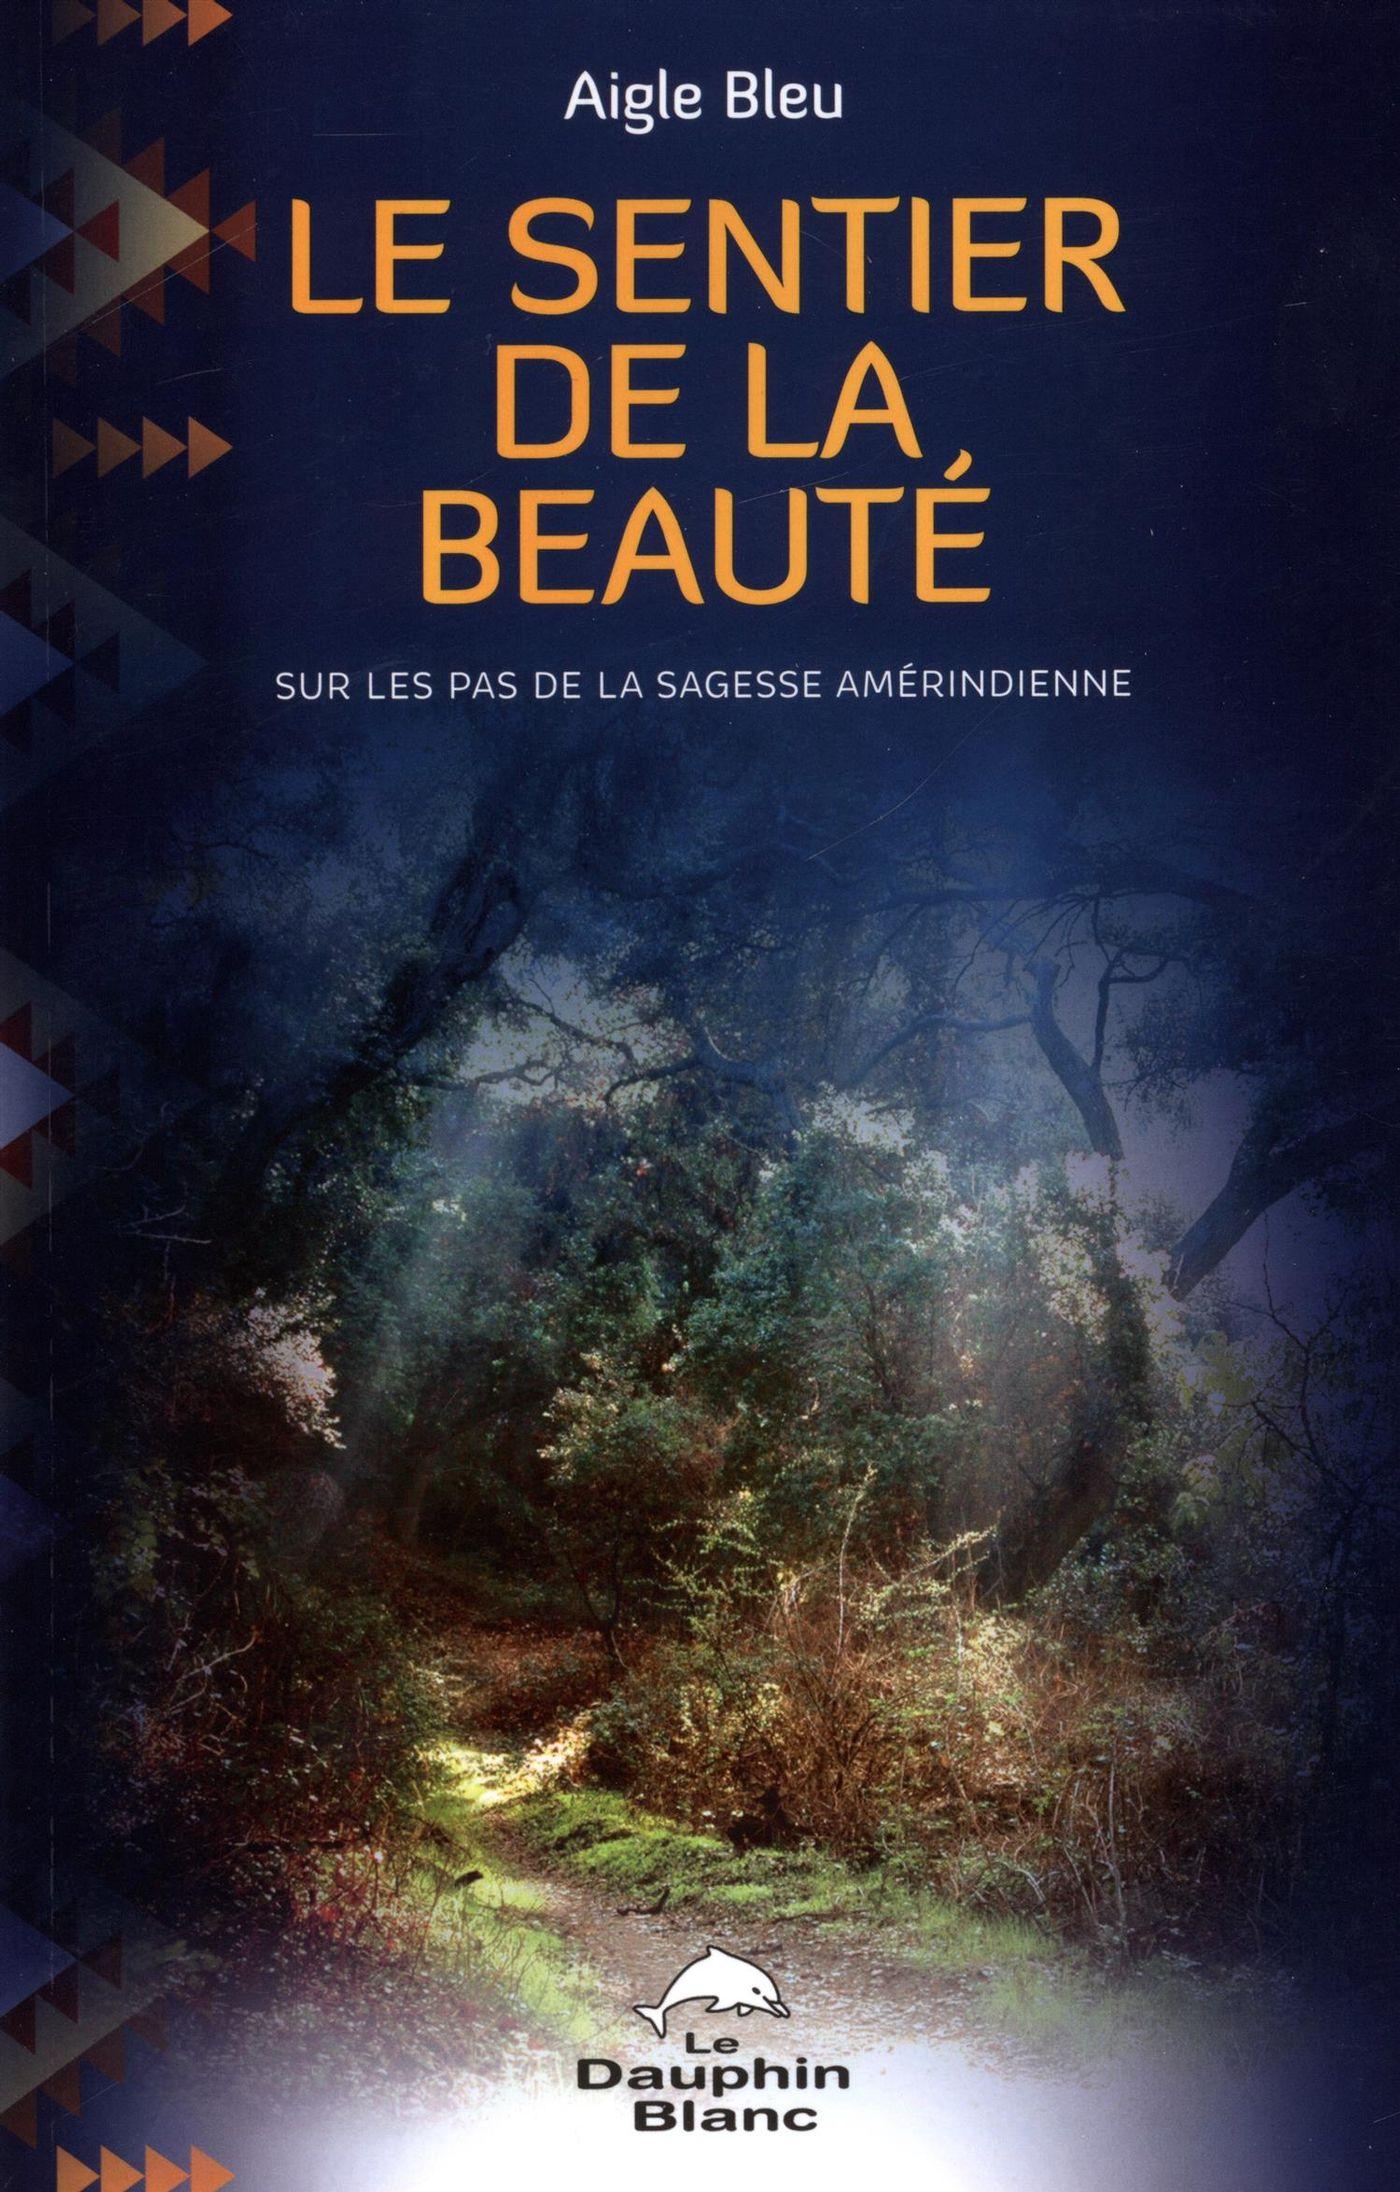 Le sentier de la beauté